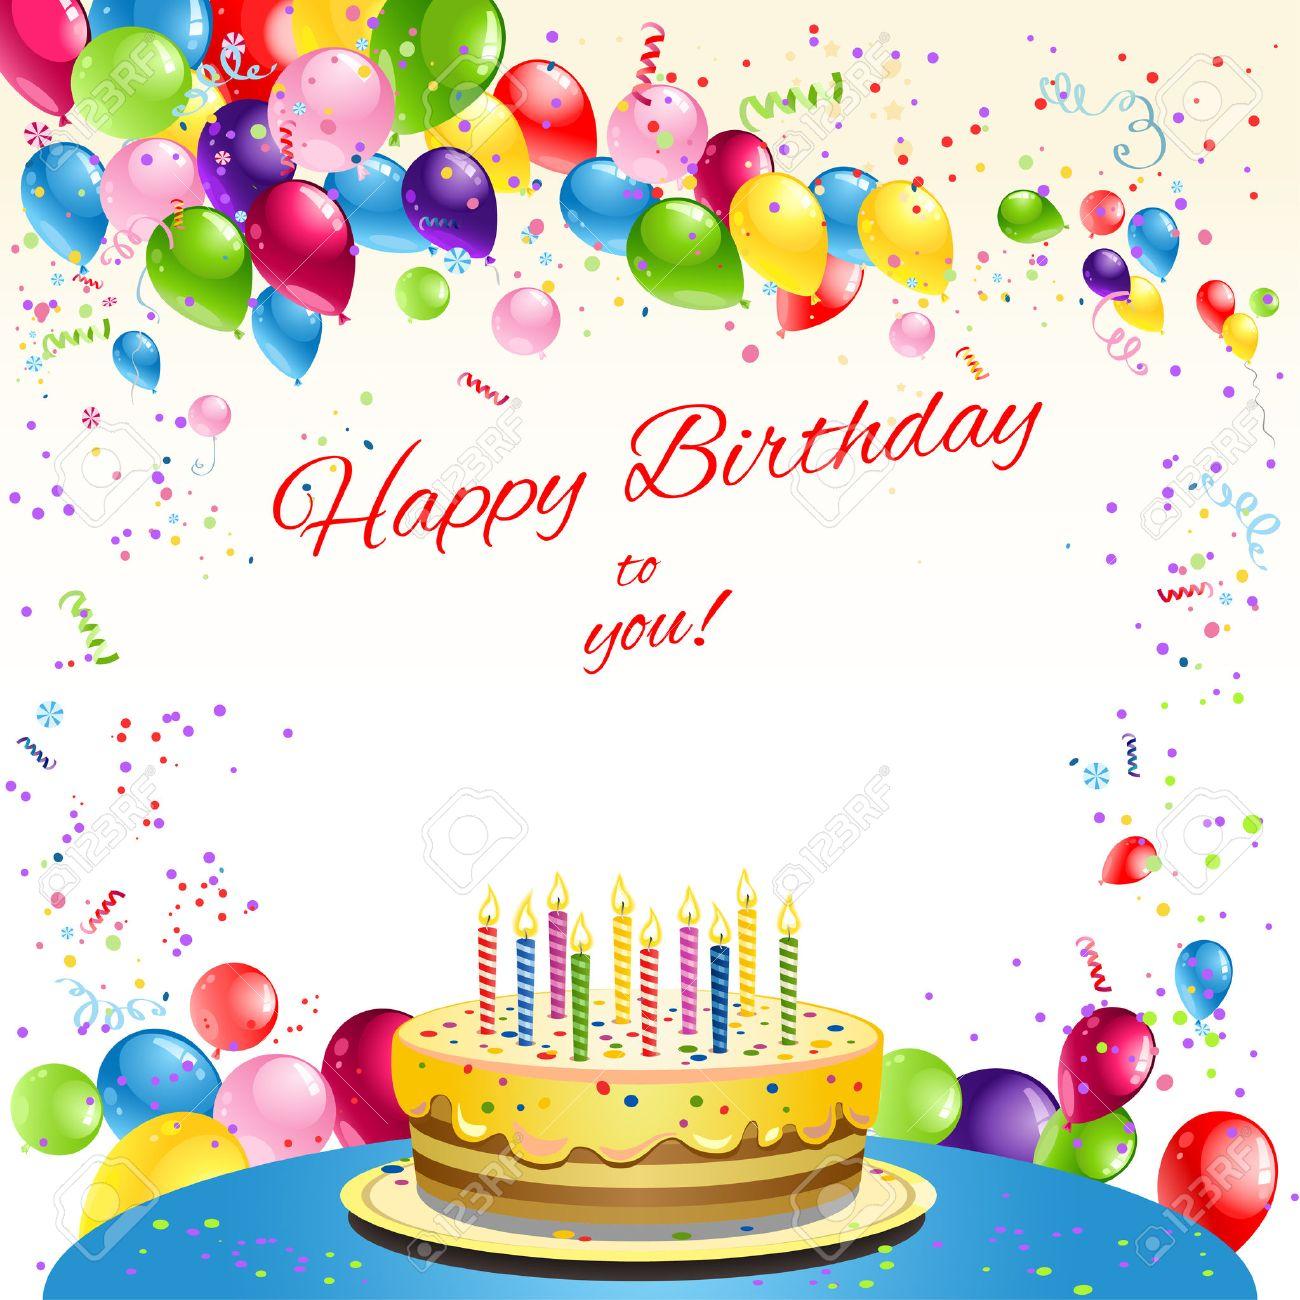 Happy Birthday Karte Mit Kuchen Und Luftballons Platz Fur Text